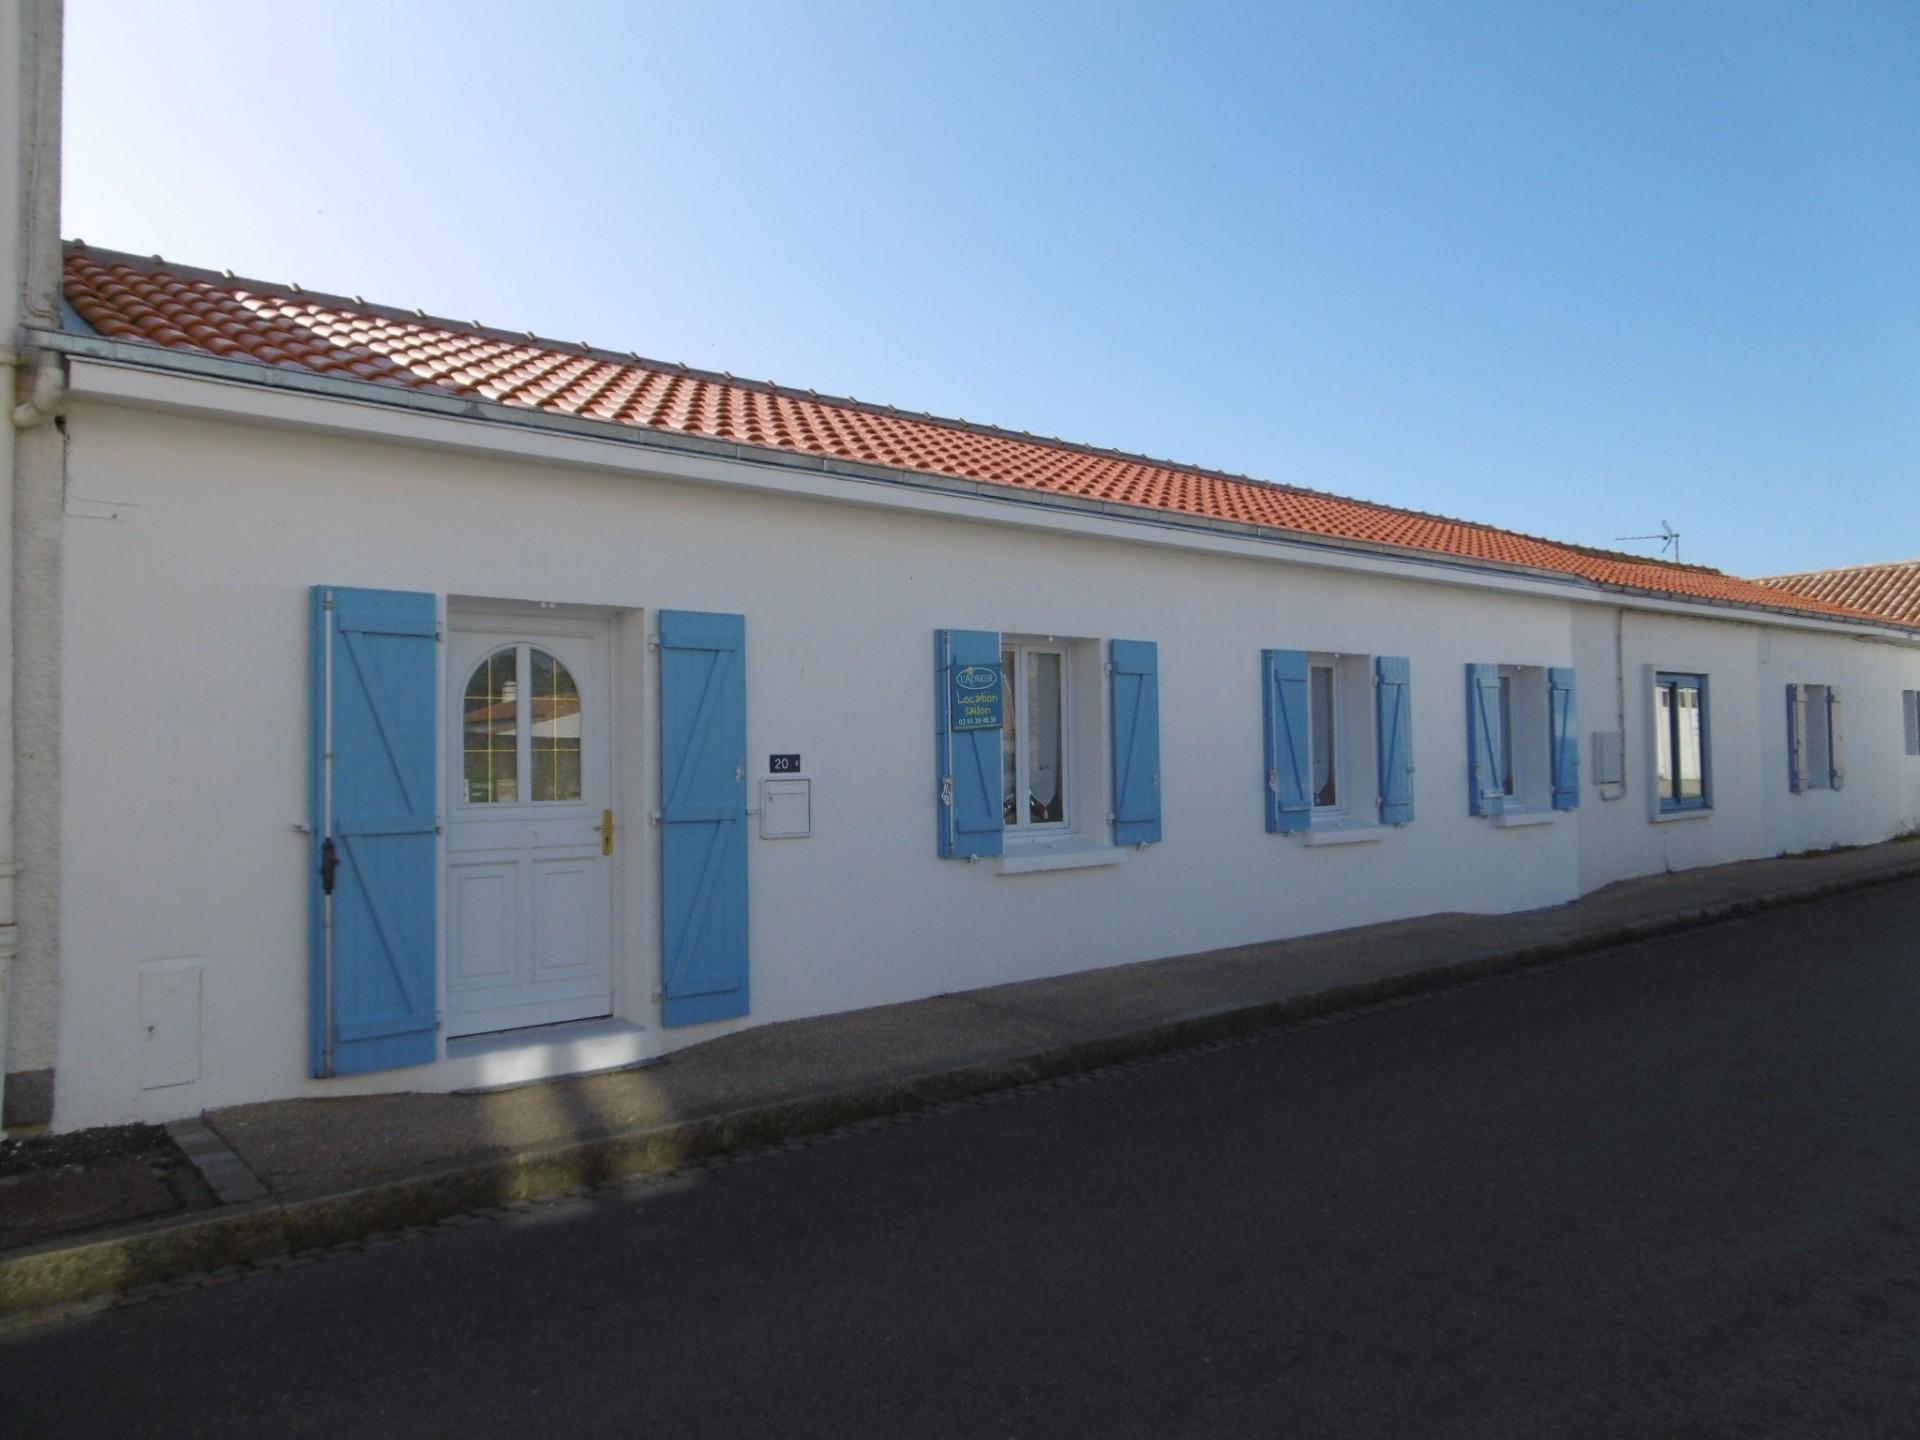 Mais l92 ile de noirmoutier l 39 herbaudiere 6 personnes location noirmoutier - Galerie du port noirmoutier ...